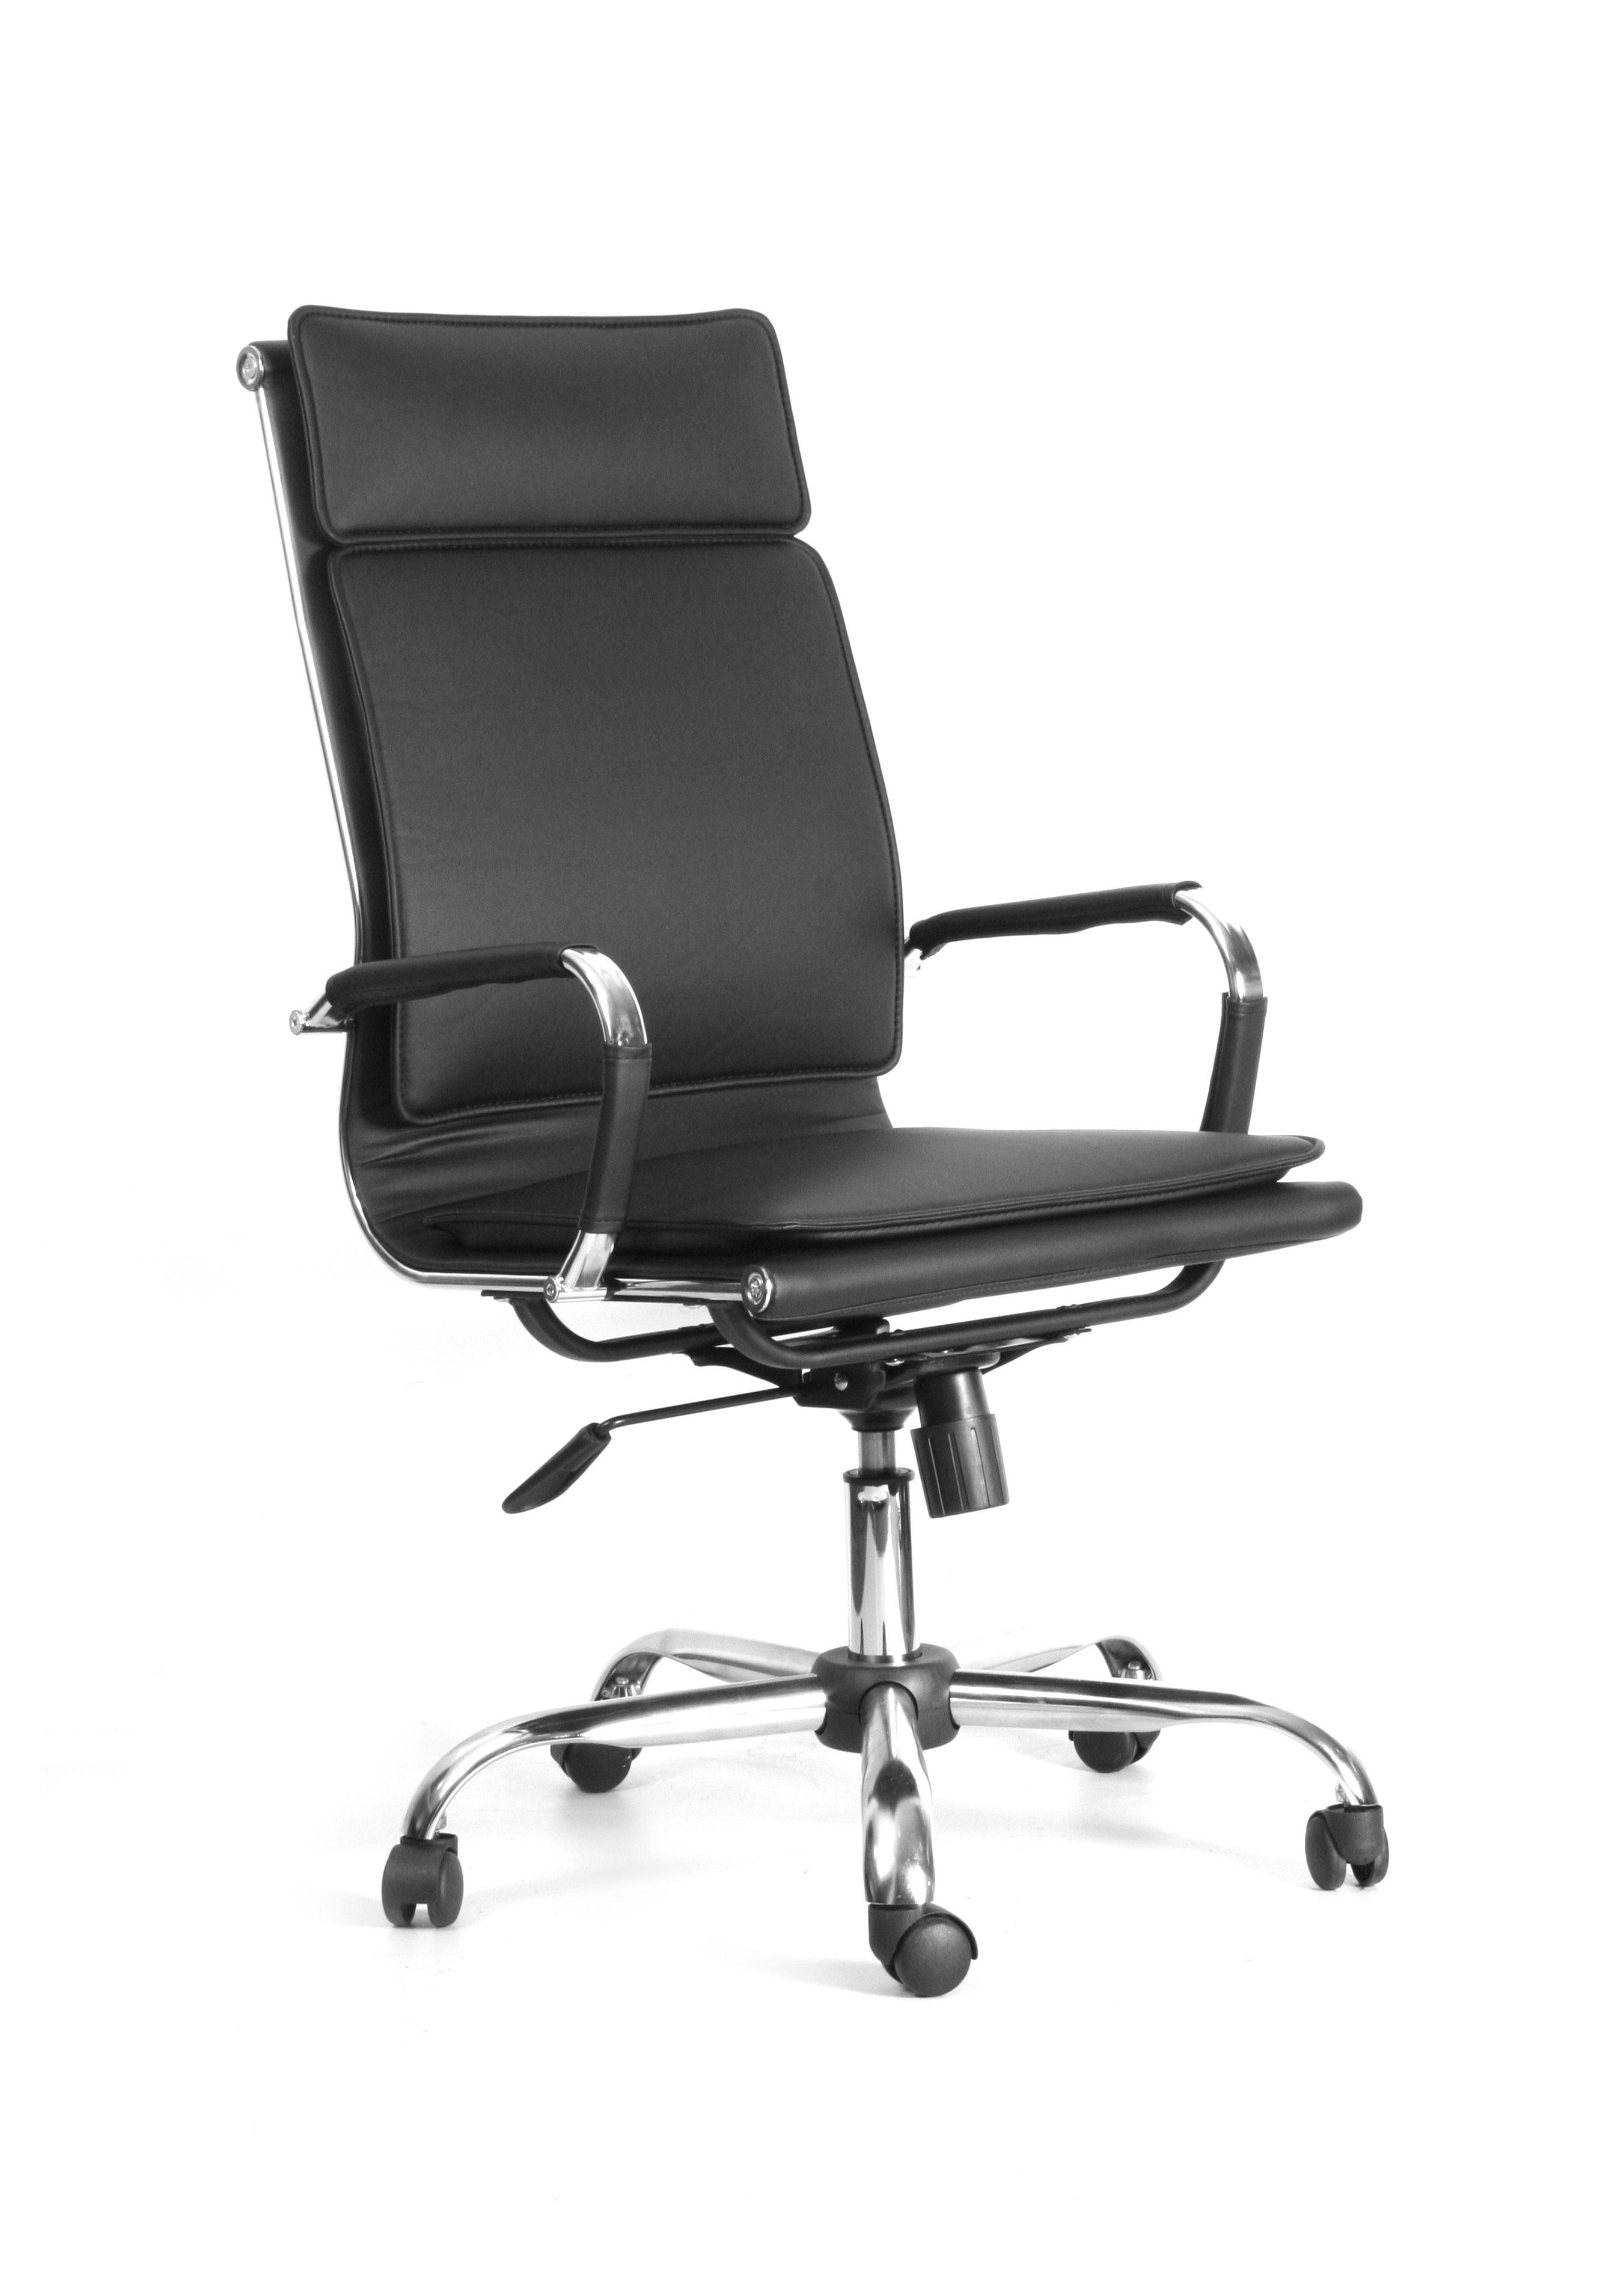 Кресло Recardo Select черный Искусственная кожа, 120 кг кресло recardo smart 60 черный 60 gtphch1 w01 t01